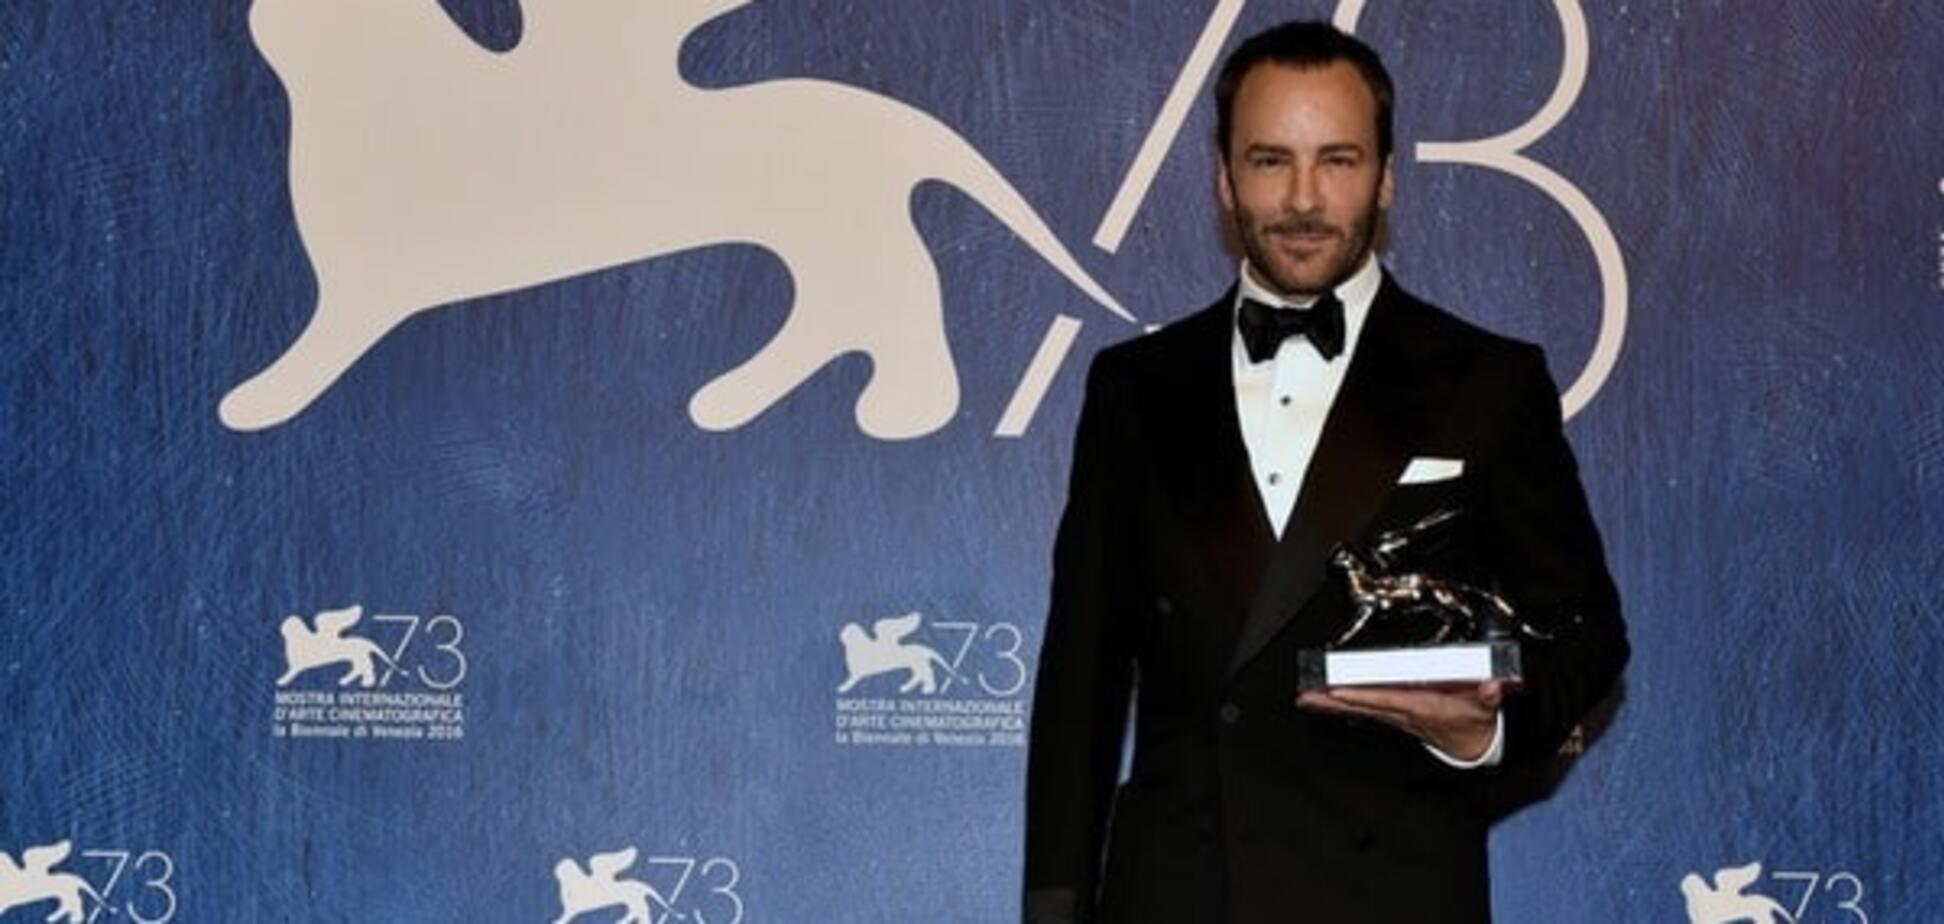 Дизайнер Том Форд в Венеции получил Гран-при: итоги кинофестиваля